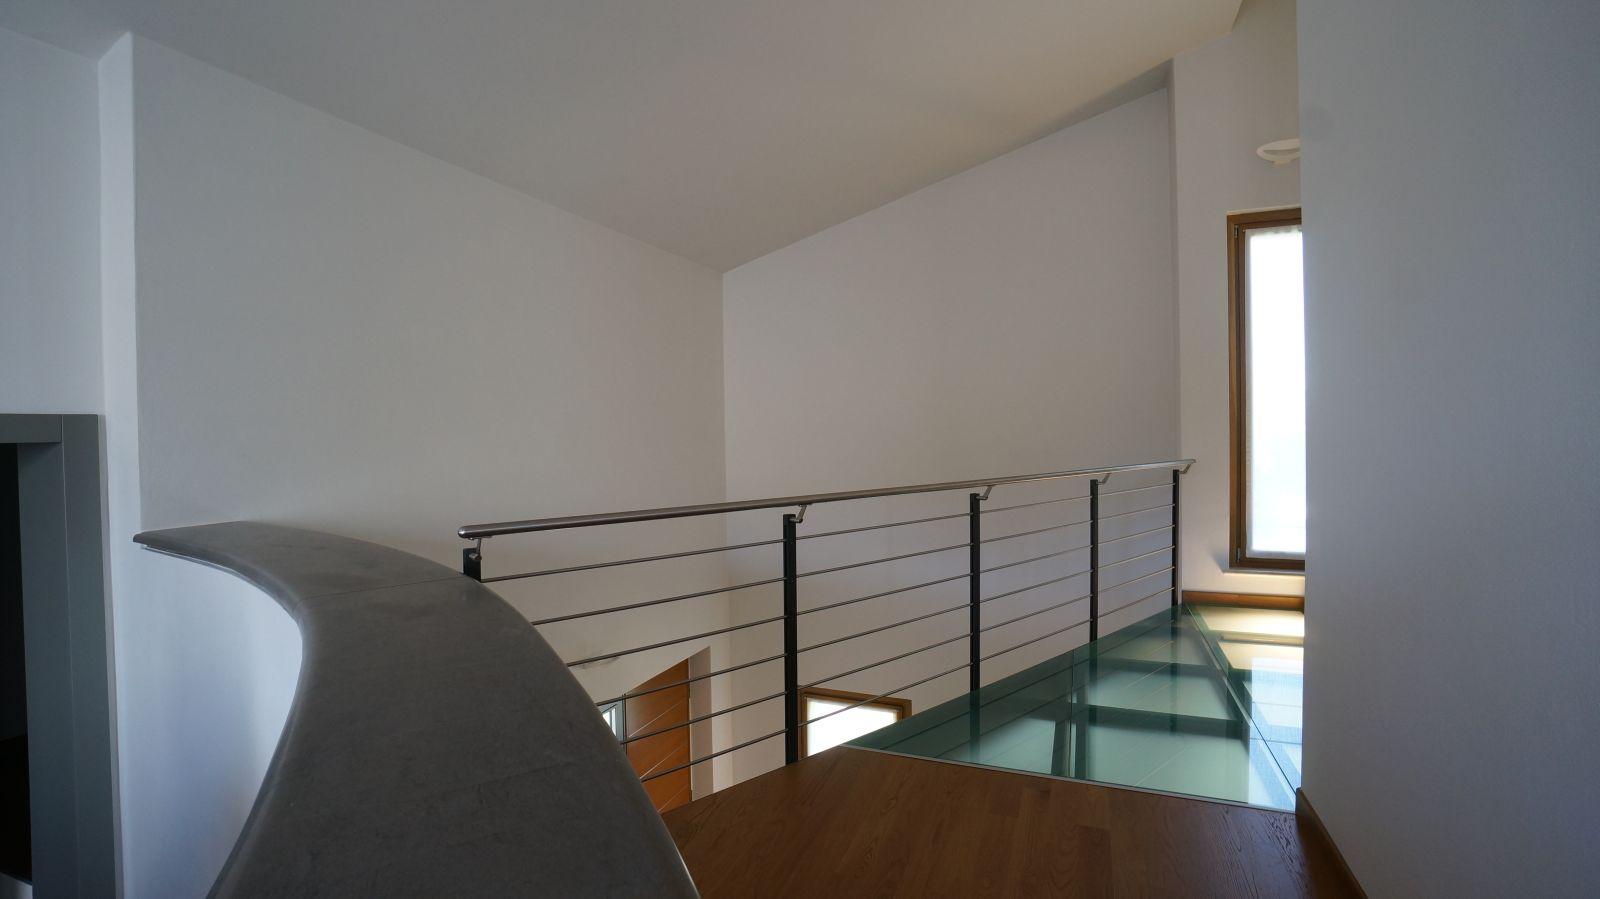 Bergamaschi serramenti ringhiere per scale interne - Scale con vetro ...